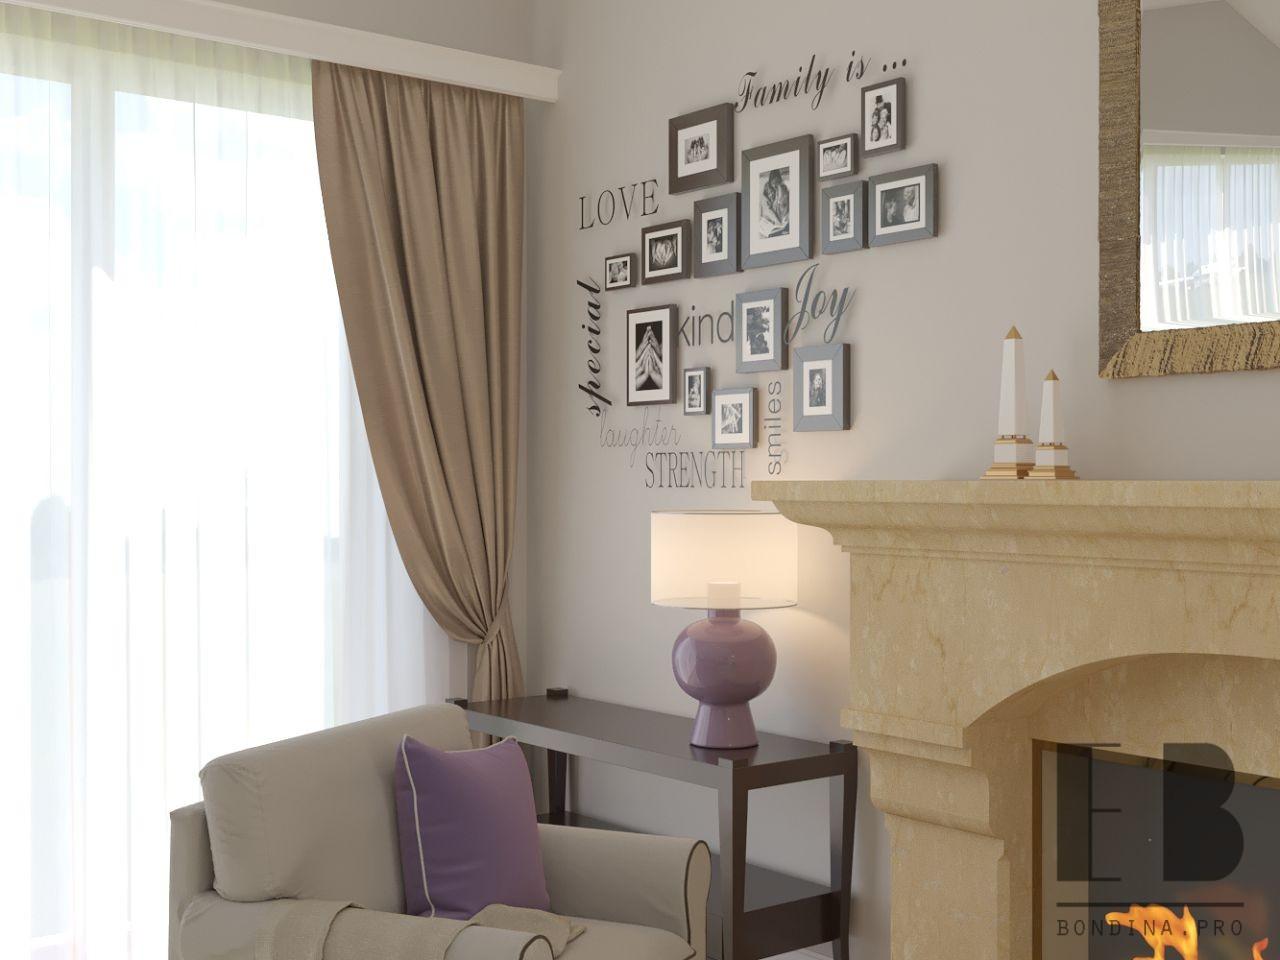 Фотоколлаж в гостиной дизайн интерьера